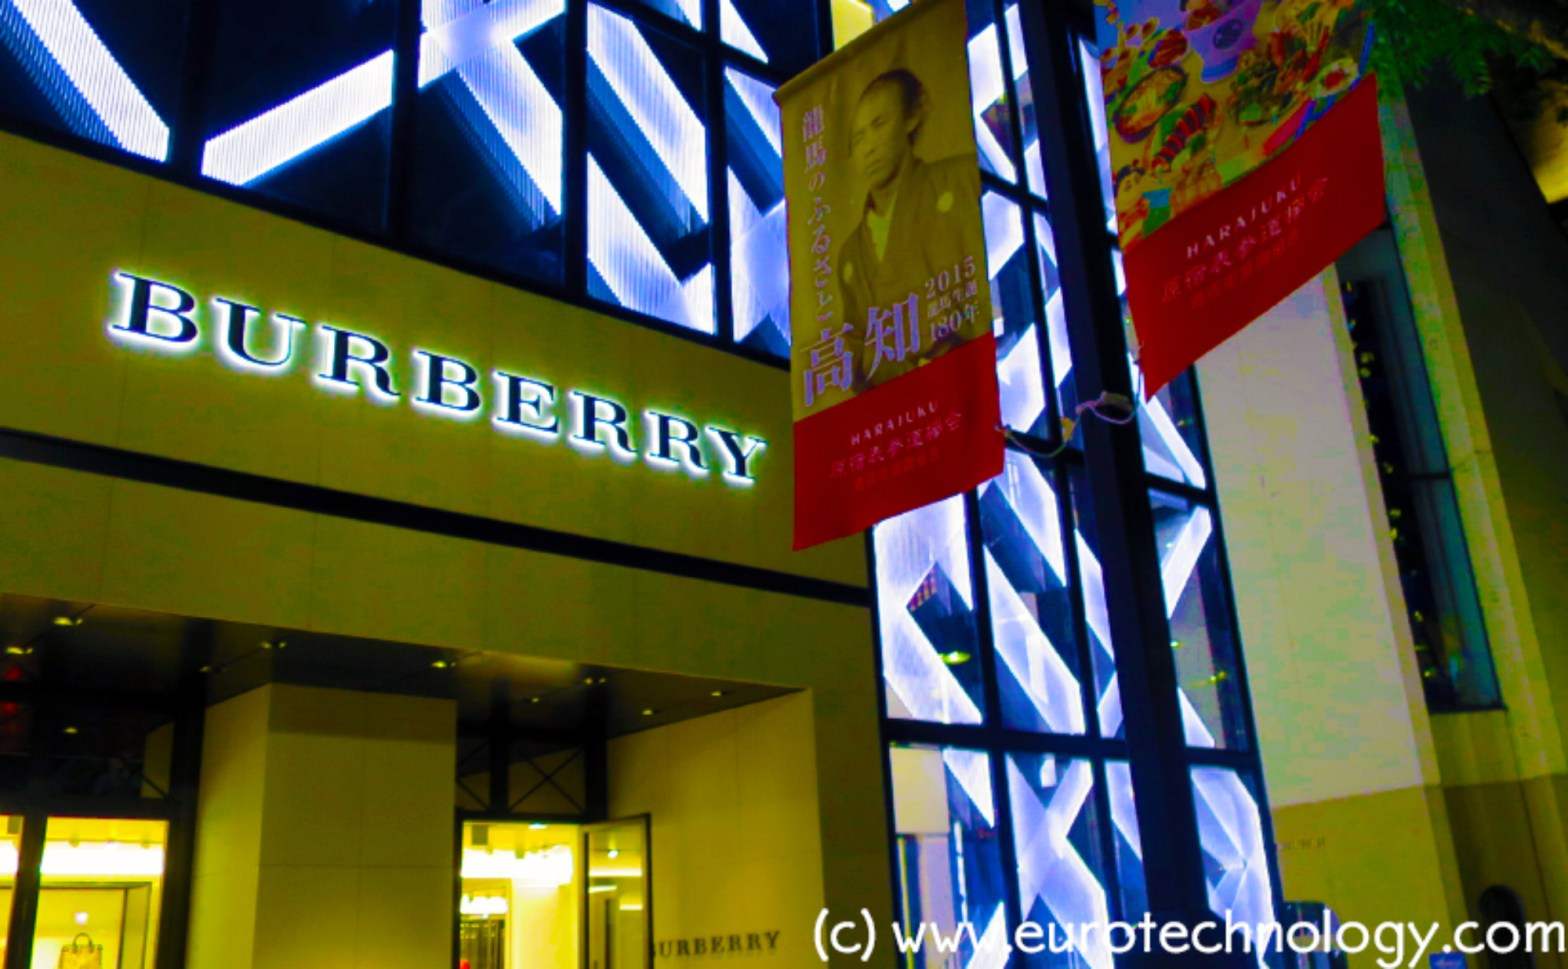 Burberry Omotesando Tokyo (c) eurotechnology.com